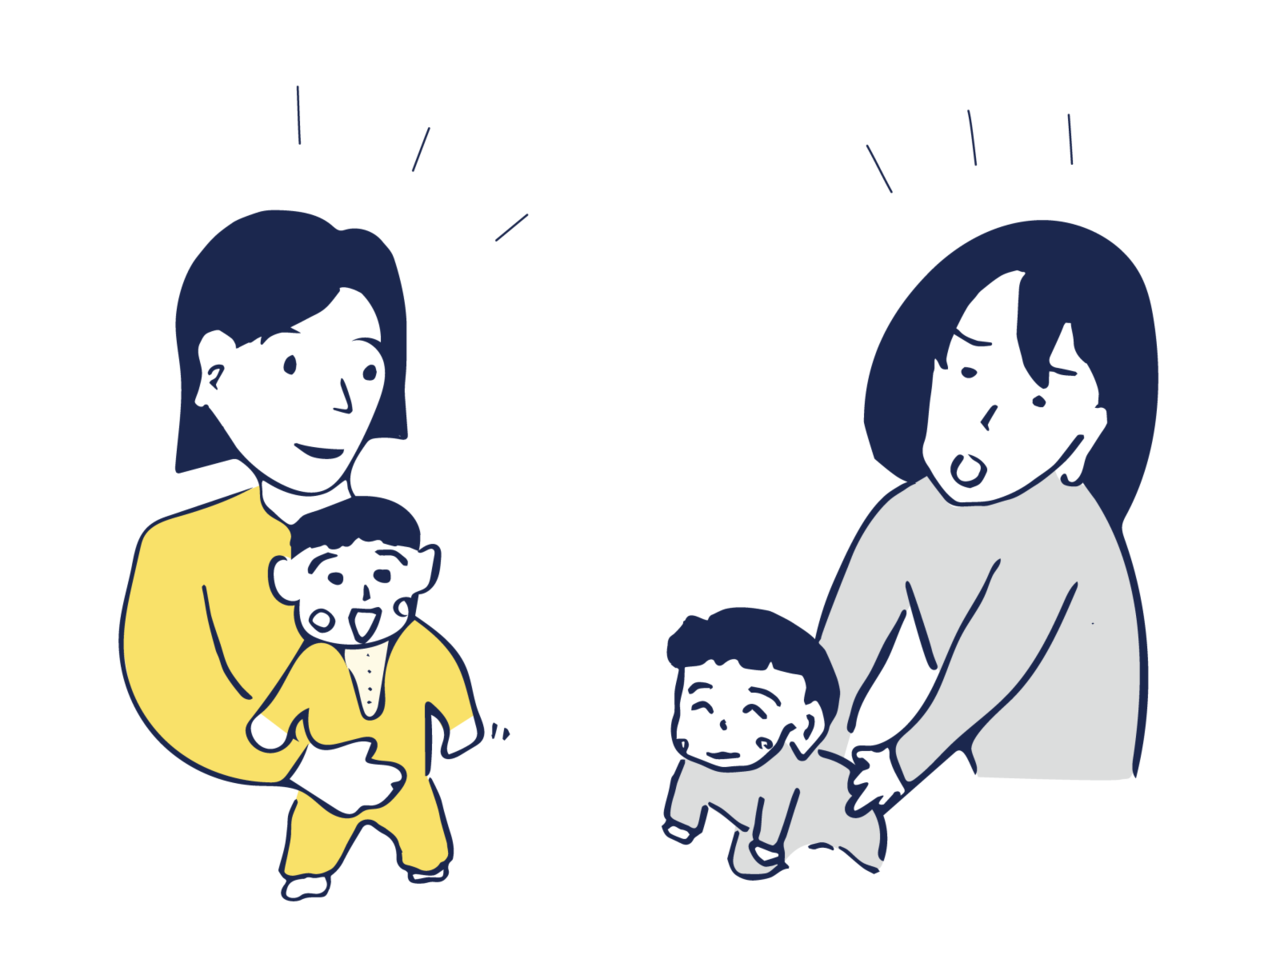 移動中にアップデートする、育児と移動のノウハウ。